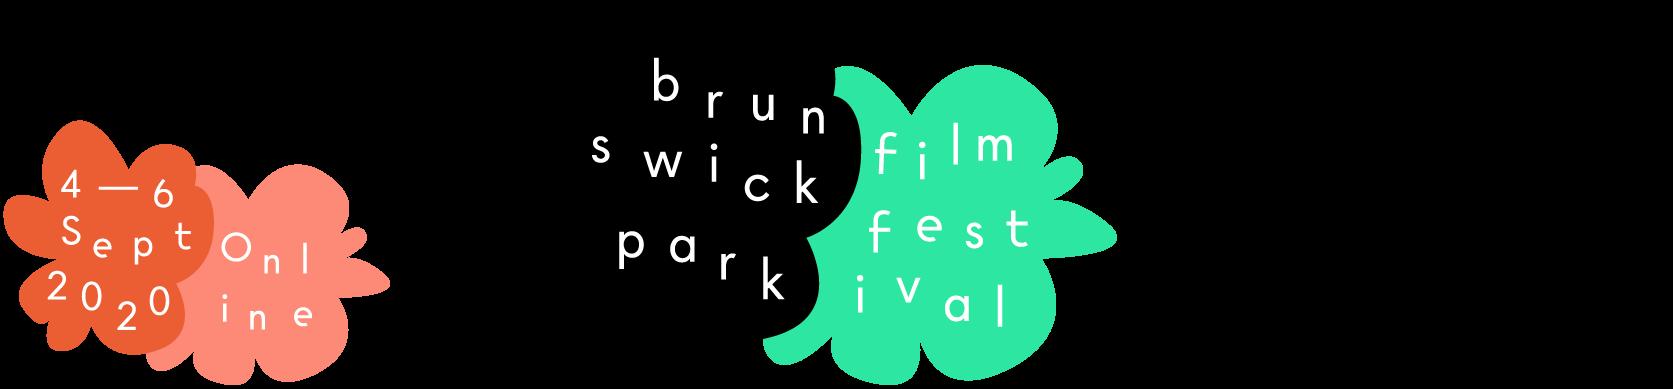 Brunswick Park Film Festival 2020